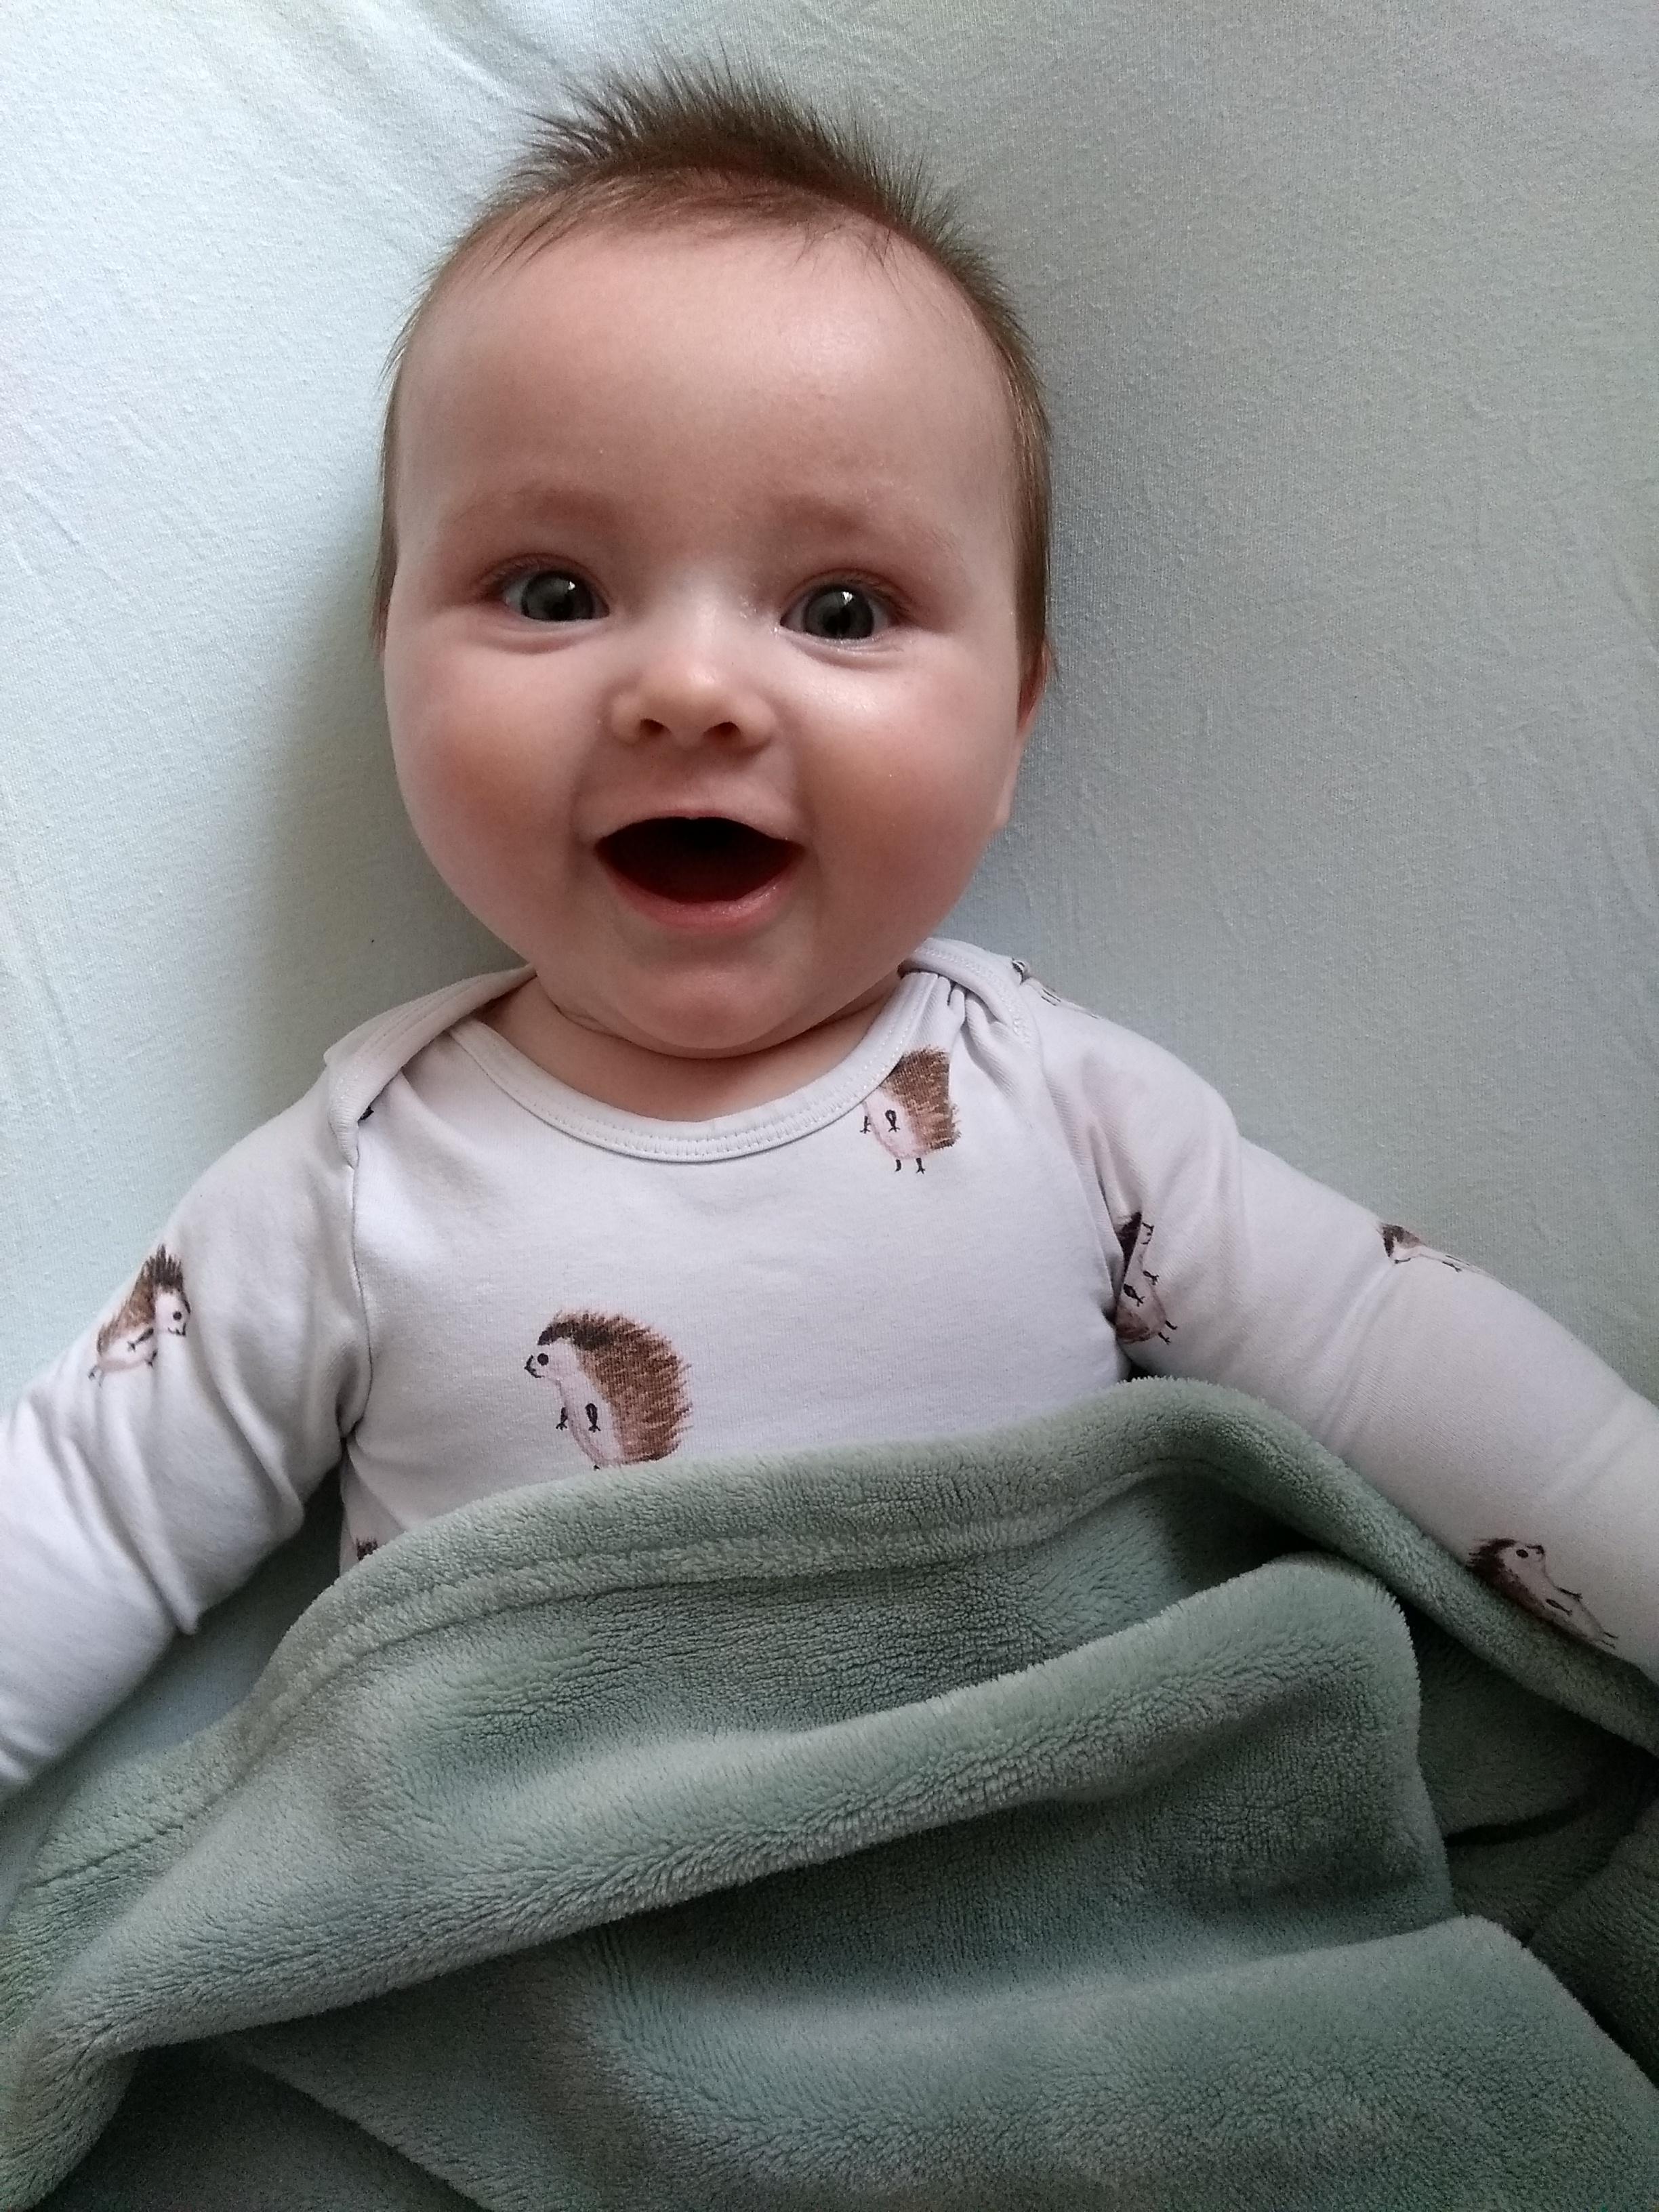 mama van drie, mamablog, mamalife, mamalifestyle, twijfelmoeder, drie kinderen, moeder zijn, blog moederschap, moederschap, lalogblog, lalog.nl, lalog